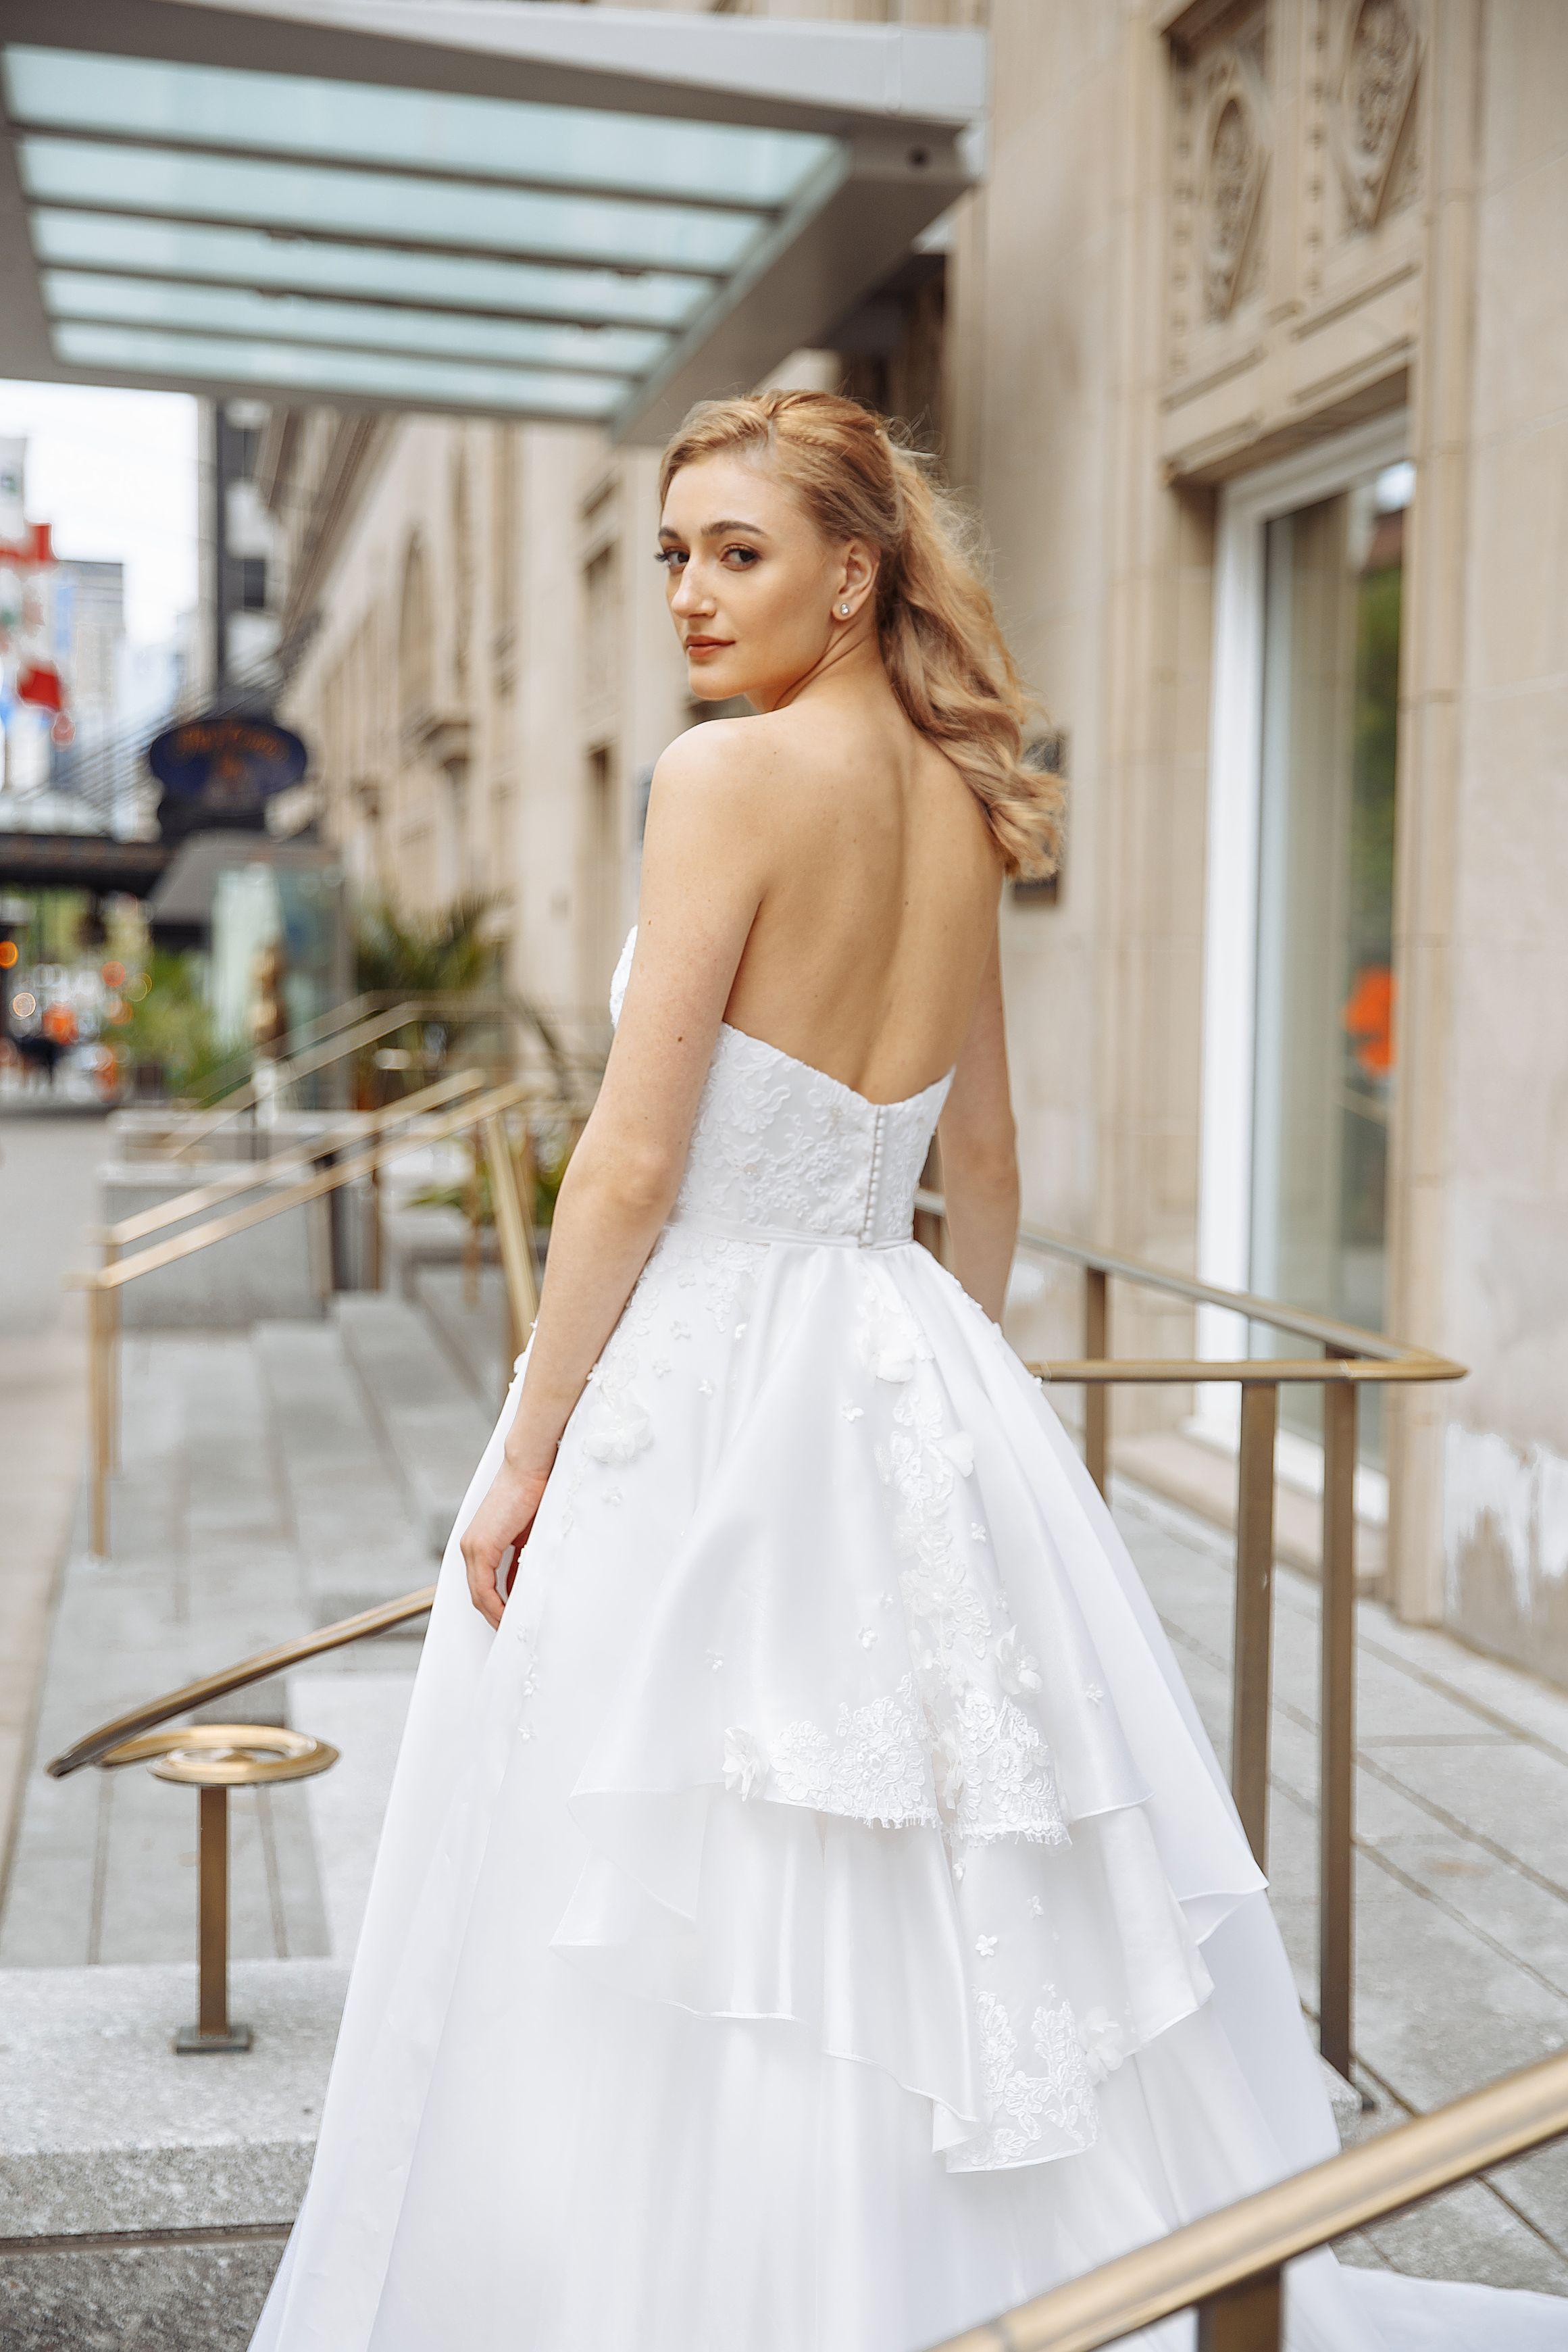 robe de mariee soleil en soie robes de noces lilia haute couture montreal